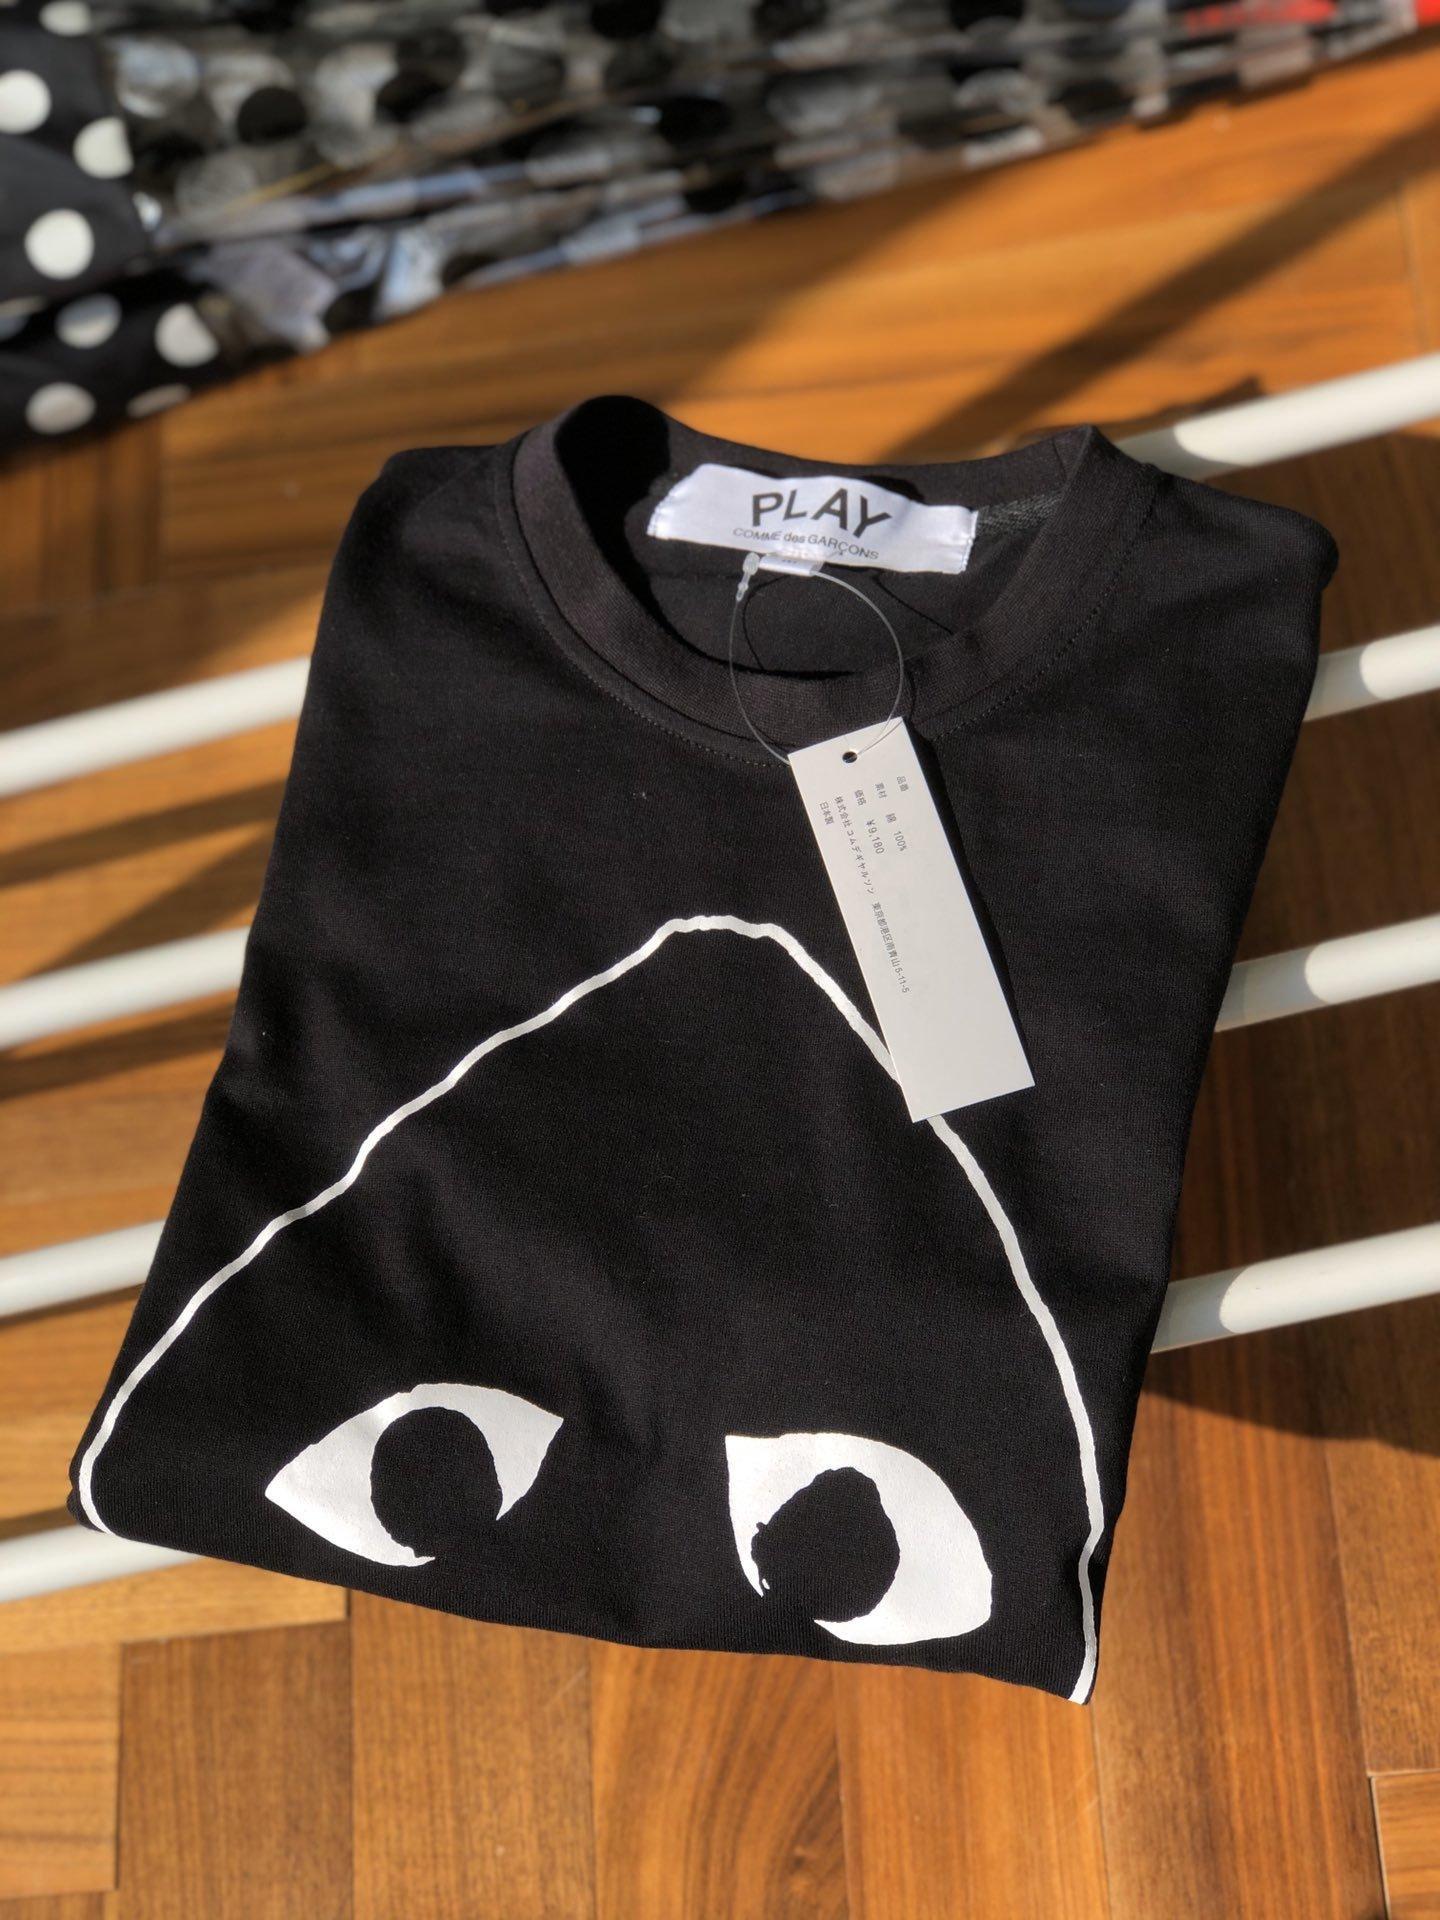 toptan Marka gömlek Tasarımcı lüks Kadınlar Erkek Tişörtü Moda Günlük İlkbahar Yaz Tees Kaliteli Lüks Kız tişört 20022146Y